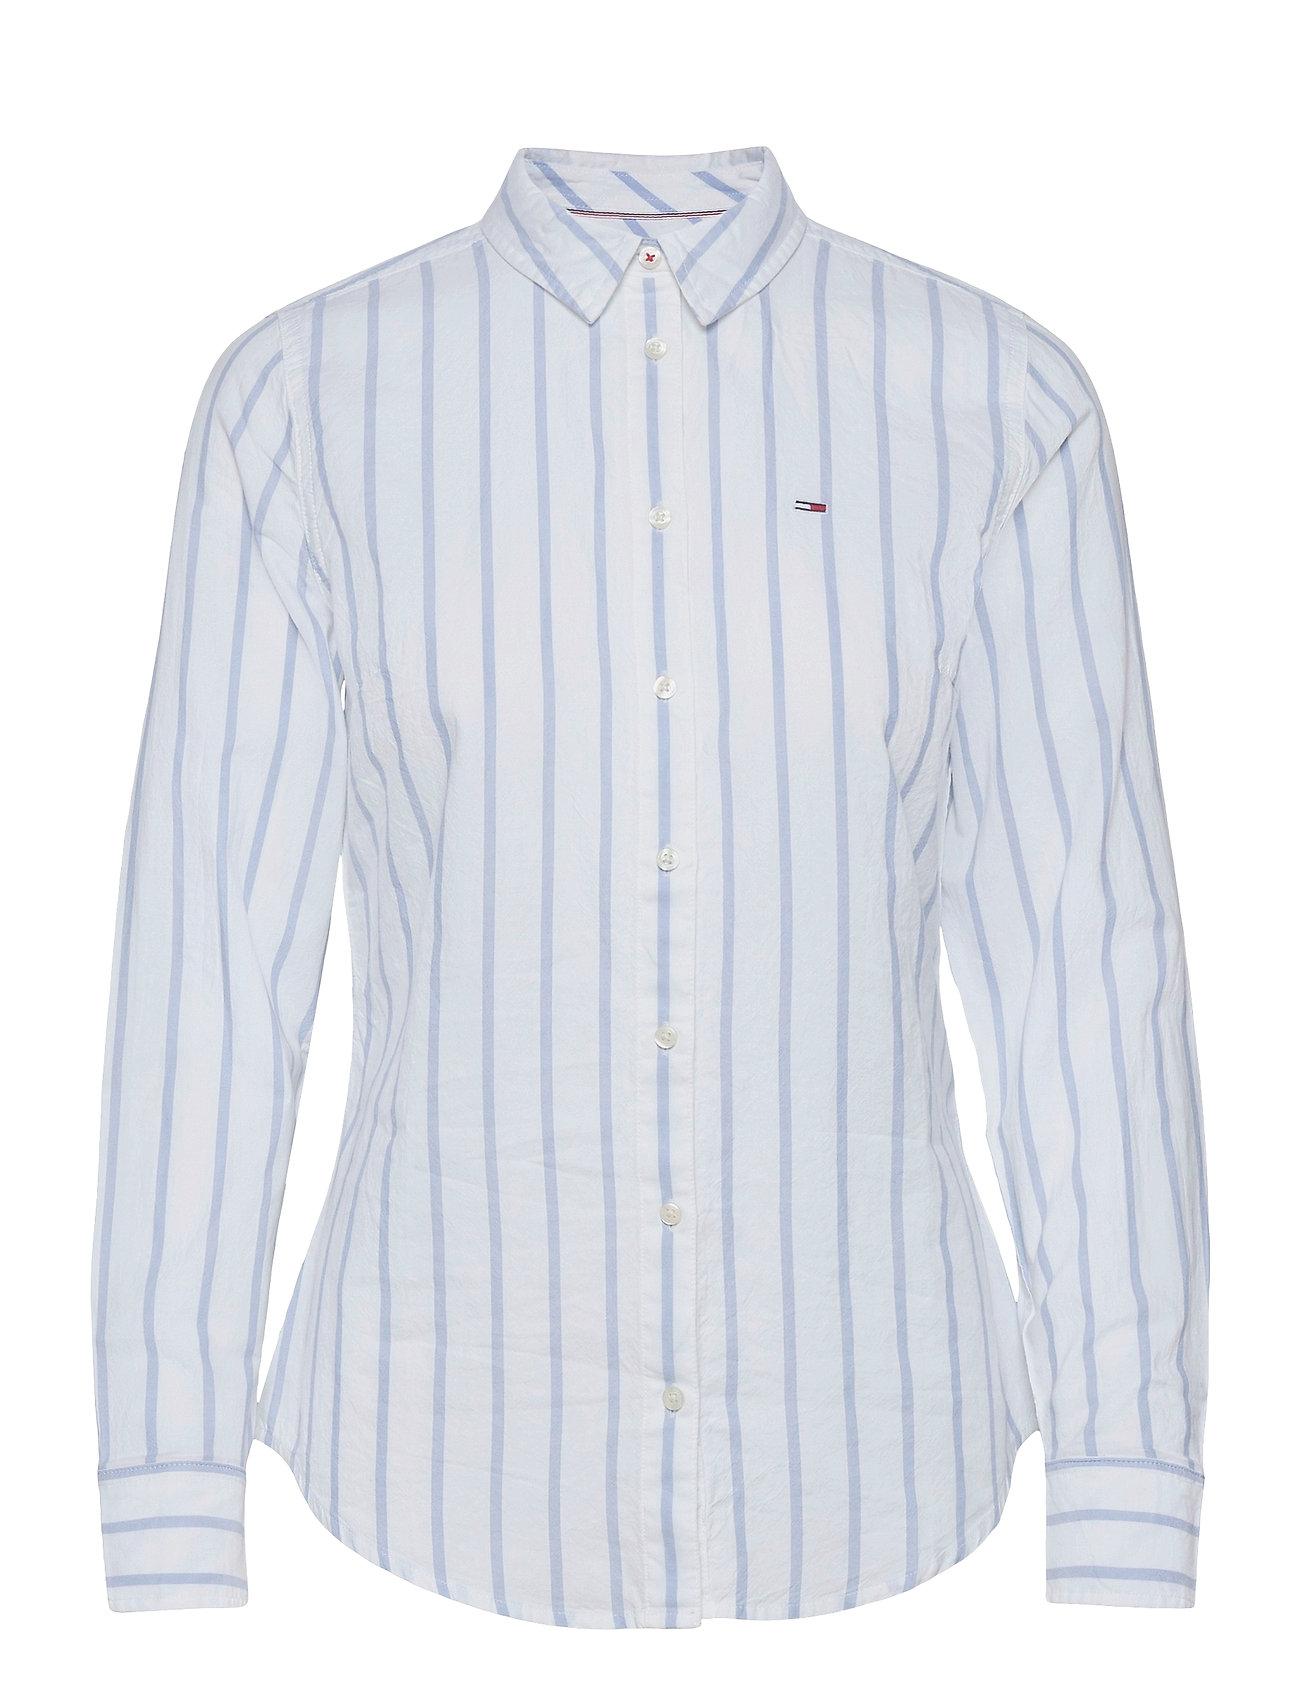 Image of Tjw Slim Oxford Stripe Shirt Langærmet T-shirt Blå Tommy Jeans (3499898155)